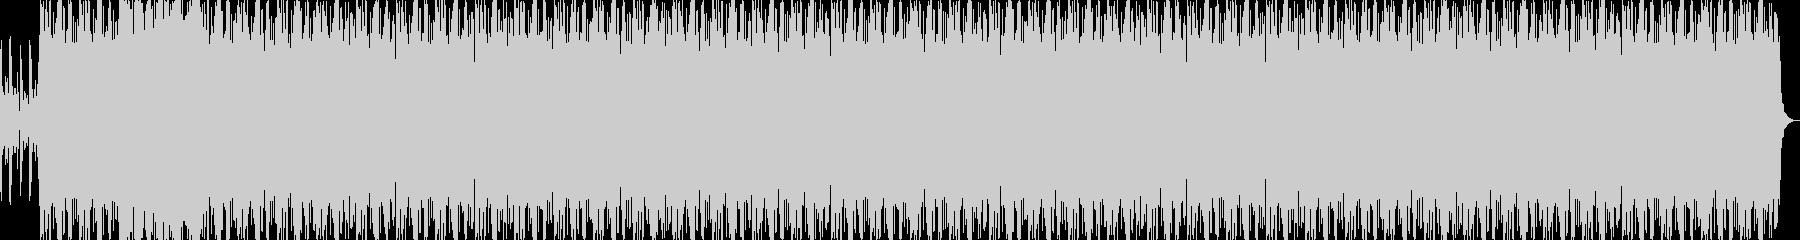 大河風オープニンオーケストラナレーションの未再生の波形